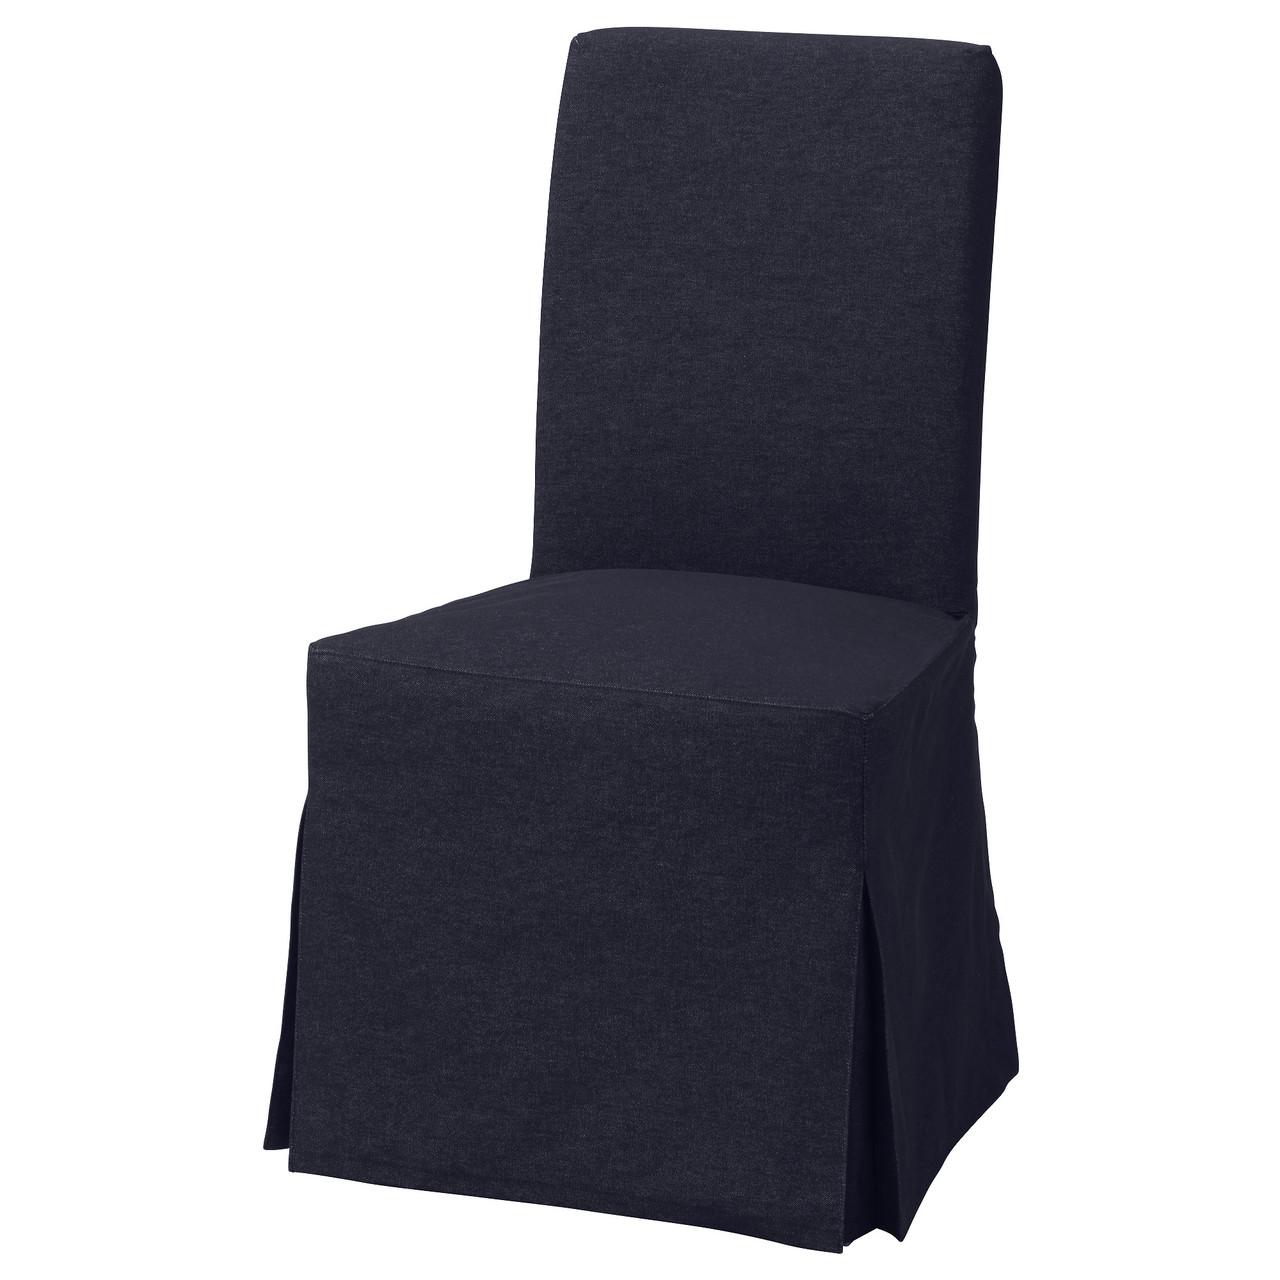 Кресло кухонное IKEA HENRIKSDAL Vansta береза темно-синее 792.463.20